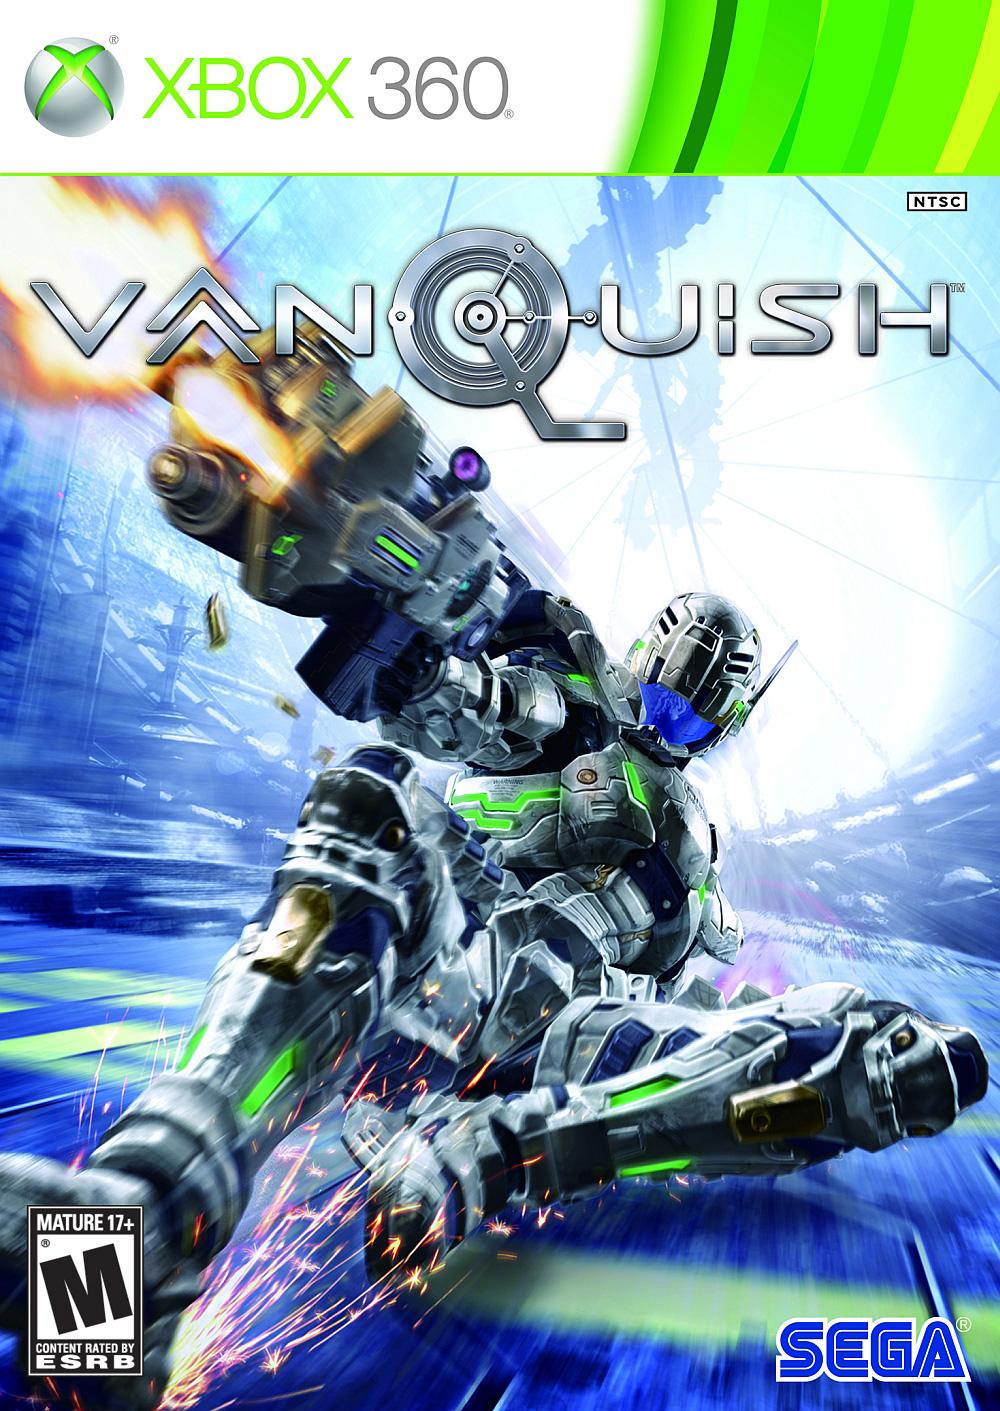 035: Vanquish